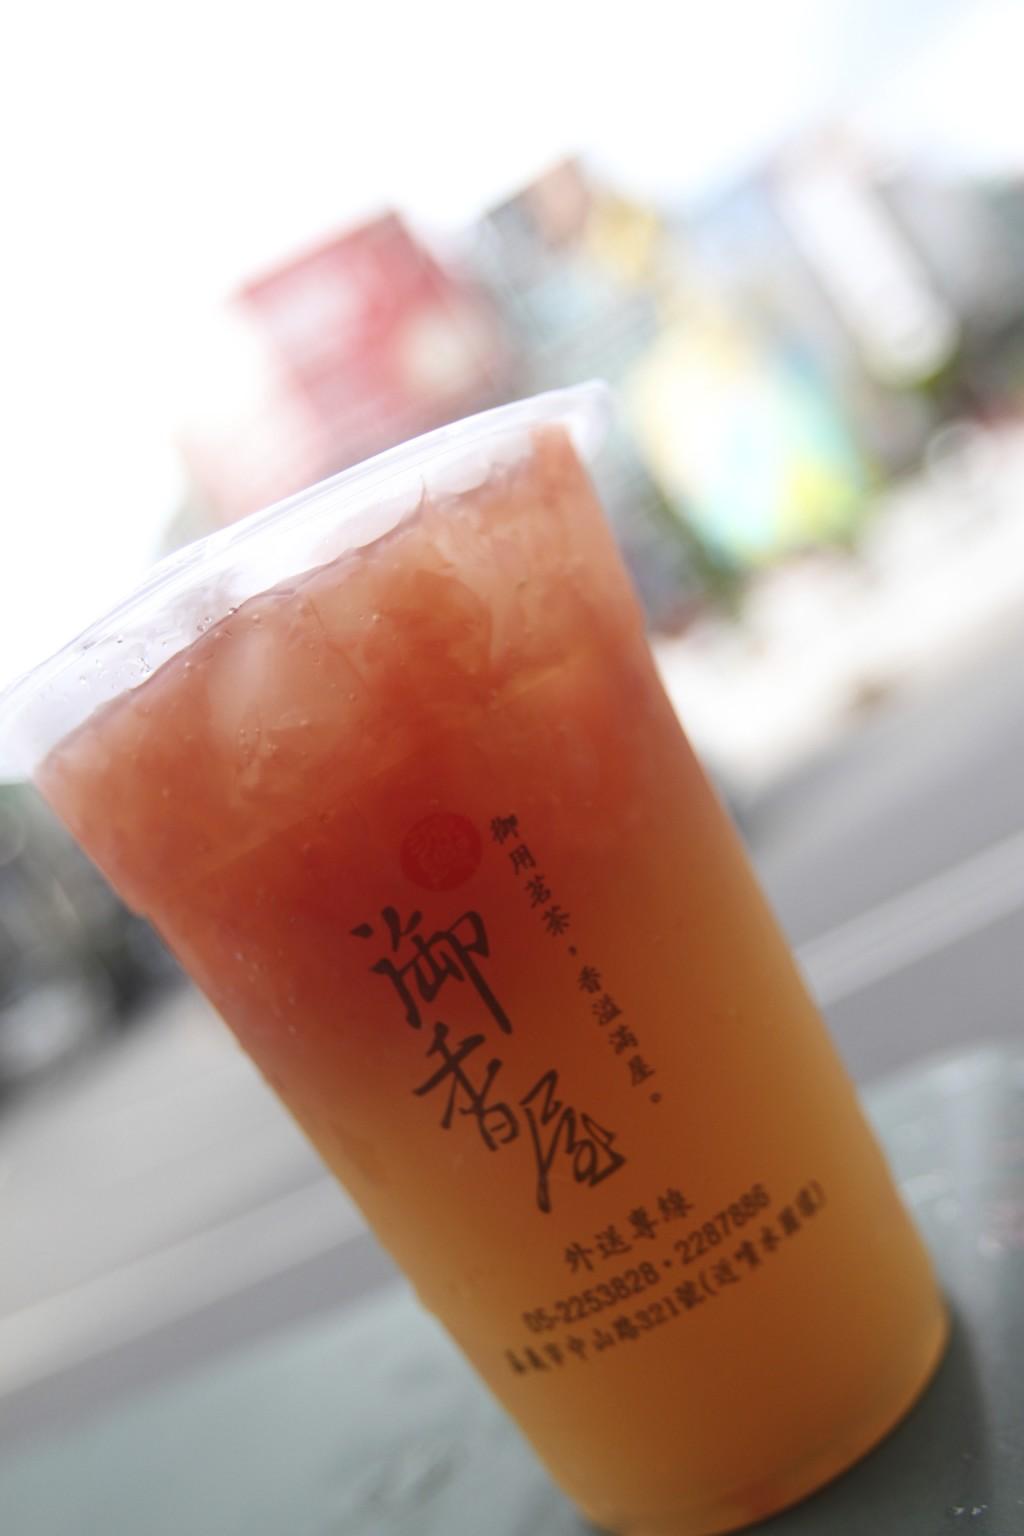 紅鑽葡萄柚緑茶(ピンクグレープフルーツ緑茶)